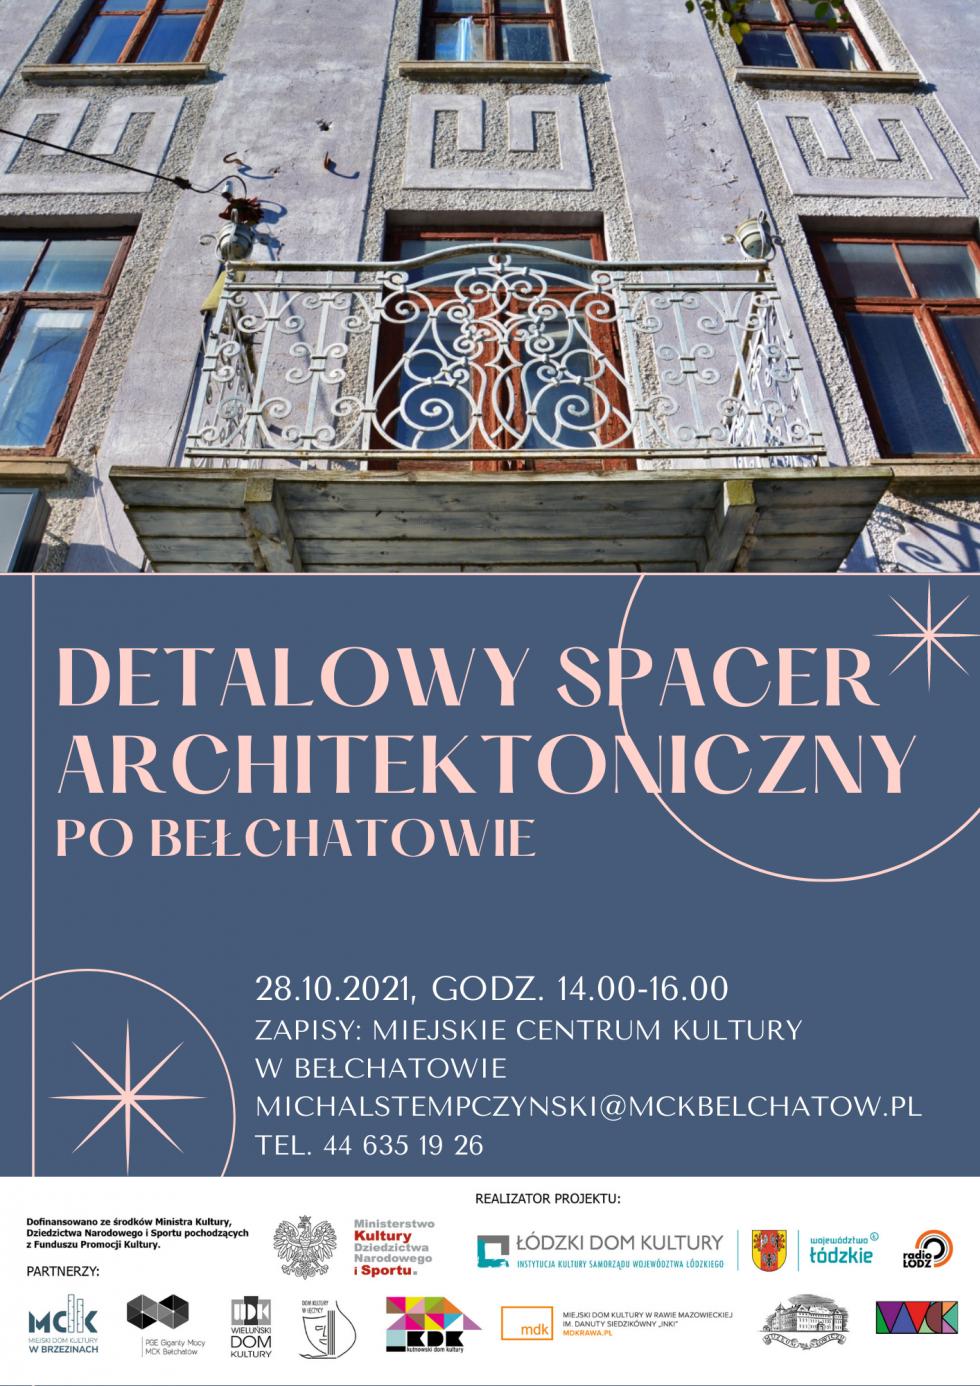 Detalowy spacer architektoniczny po Bełchatowie